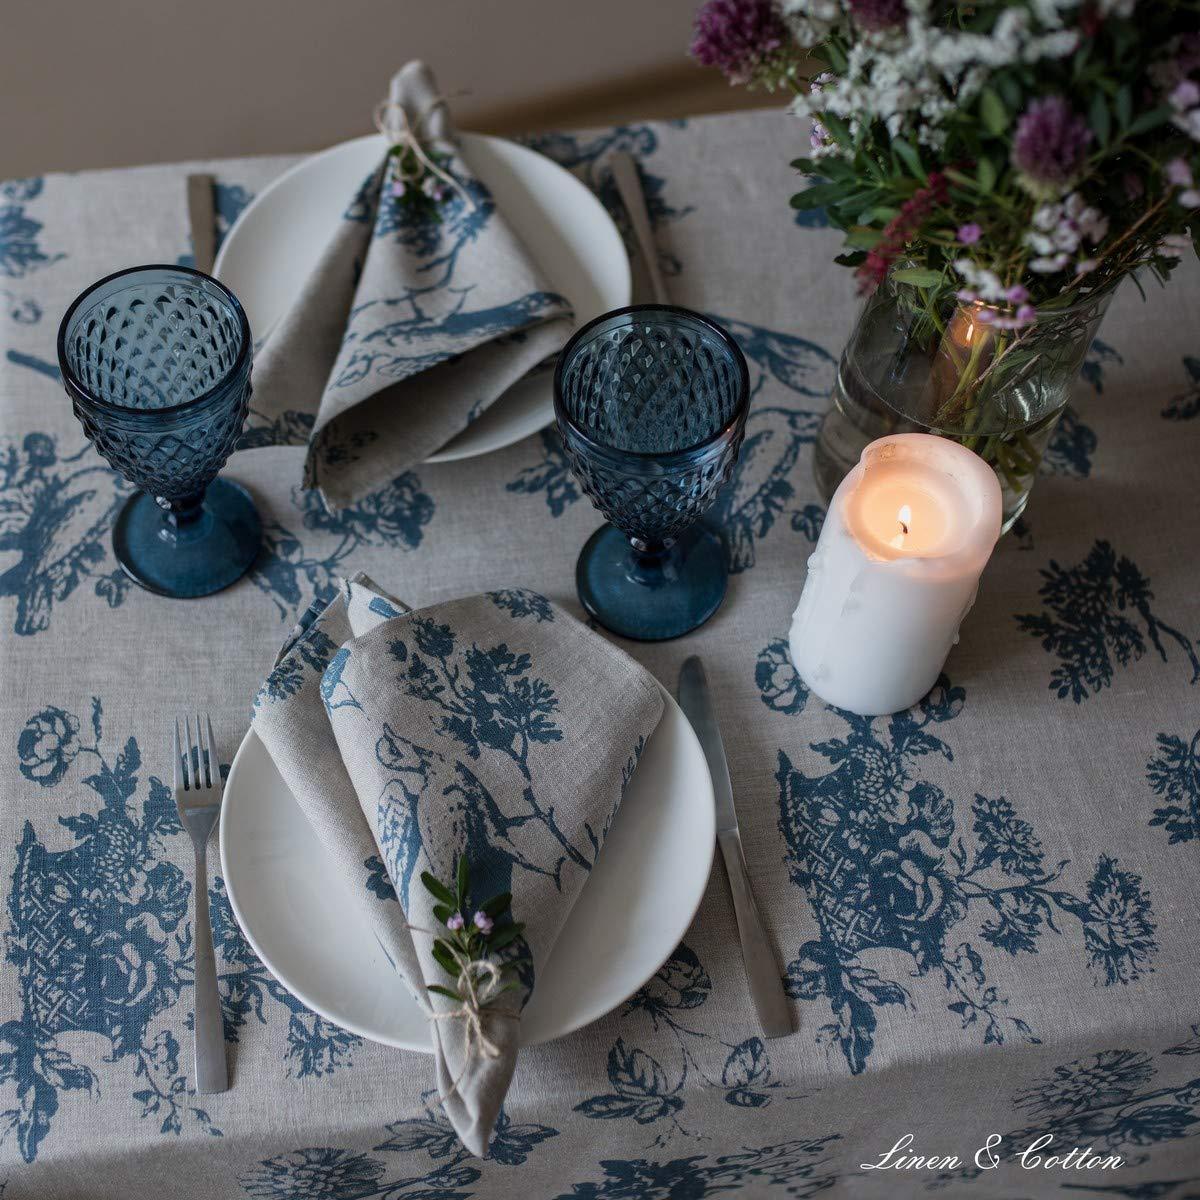 Beige Blu Tovaglioli di Stoffa Lavabili Vintage Decorazione Domestica per Cucina Tavolo da Pranzo Soggiorno 43 x 43 cm Linen /& Cotton Tovaglioli da Tavola Floreali Shabby Chic Flores 100/% Lino